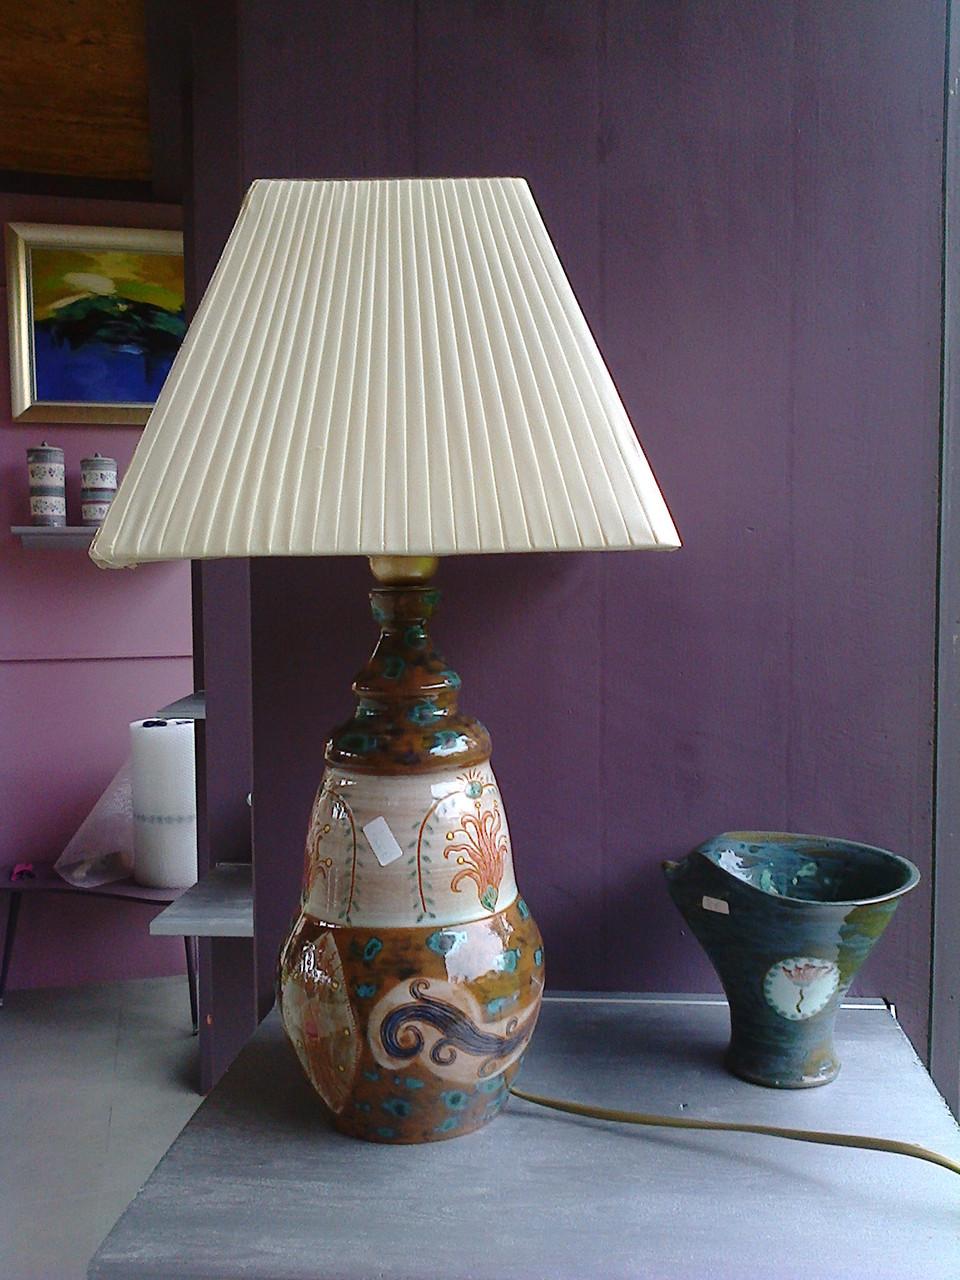 lampe et petite coupe déformée